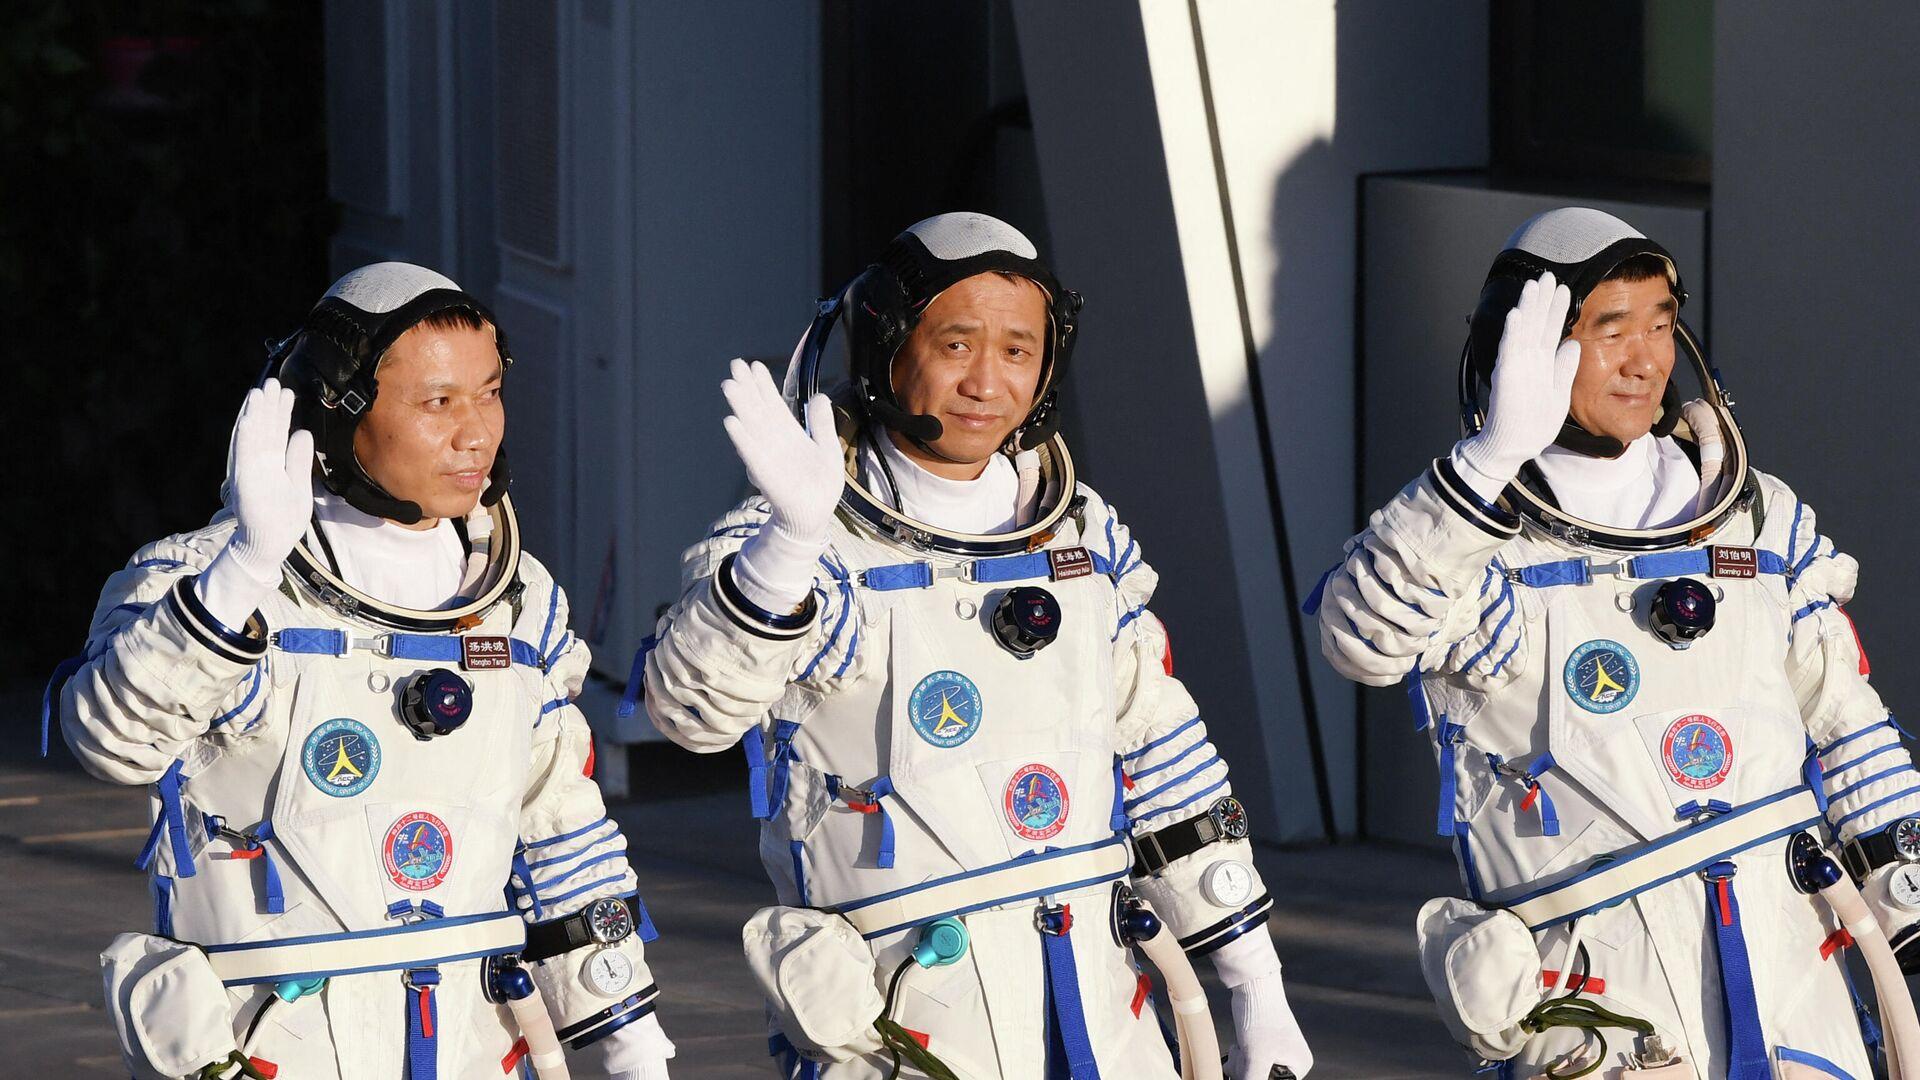 Drei chinesische Raumfahrer nach ihrer Rückkehr auf die Erde, 17.09.21 - SNA, 1920, 17.09.2021